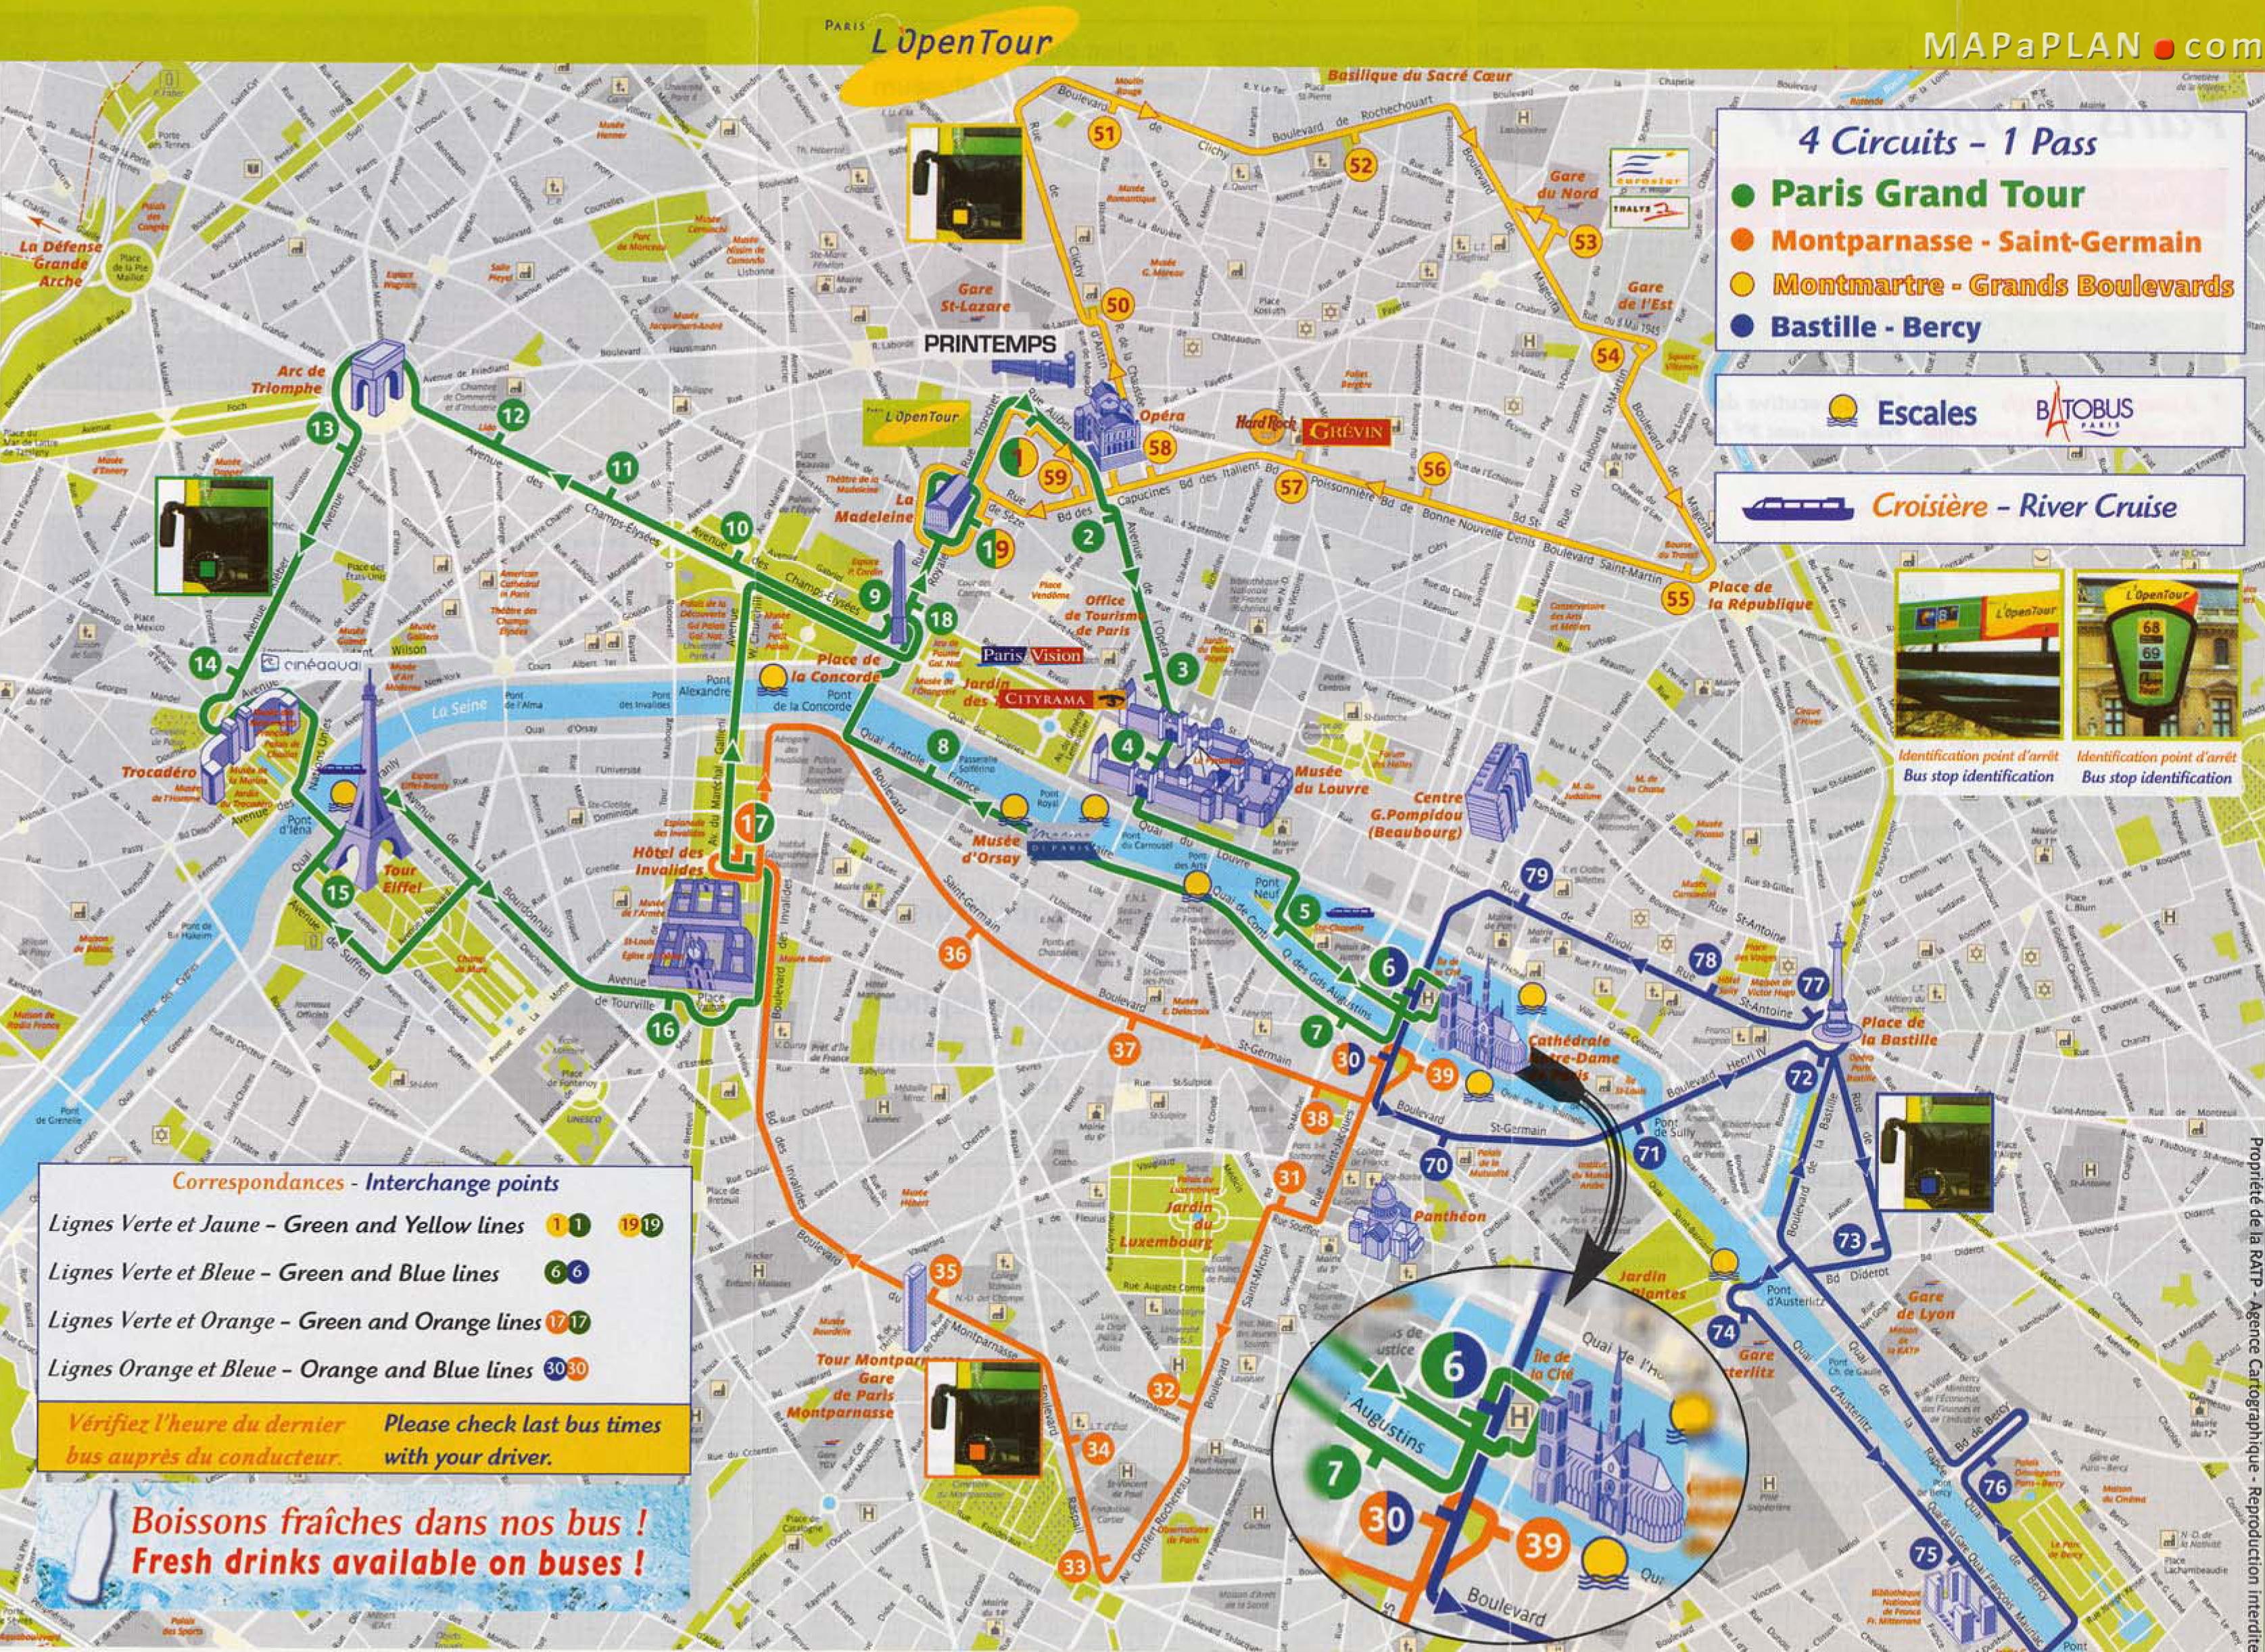 Printable Map Of Paris Download Map Paris And Attractions | Travel - Printable Map Of Paris France